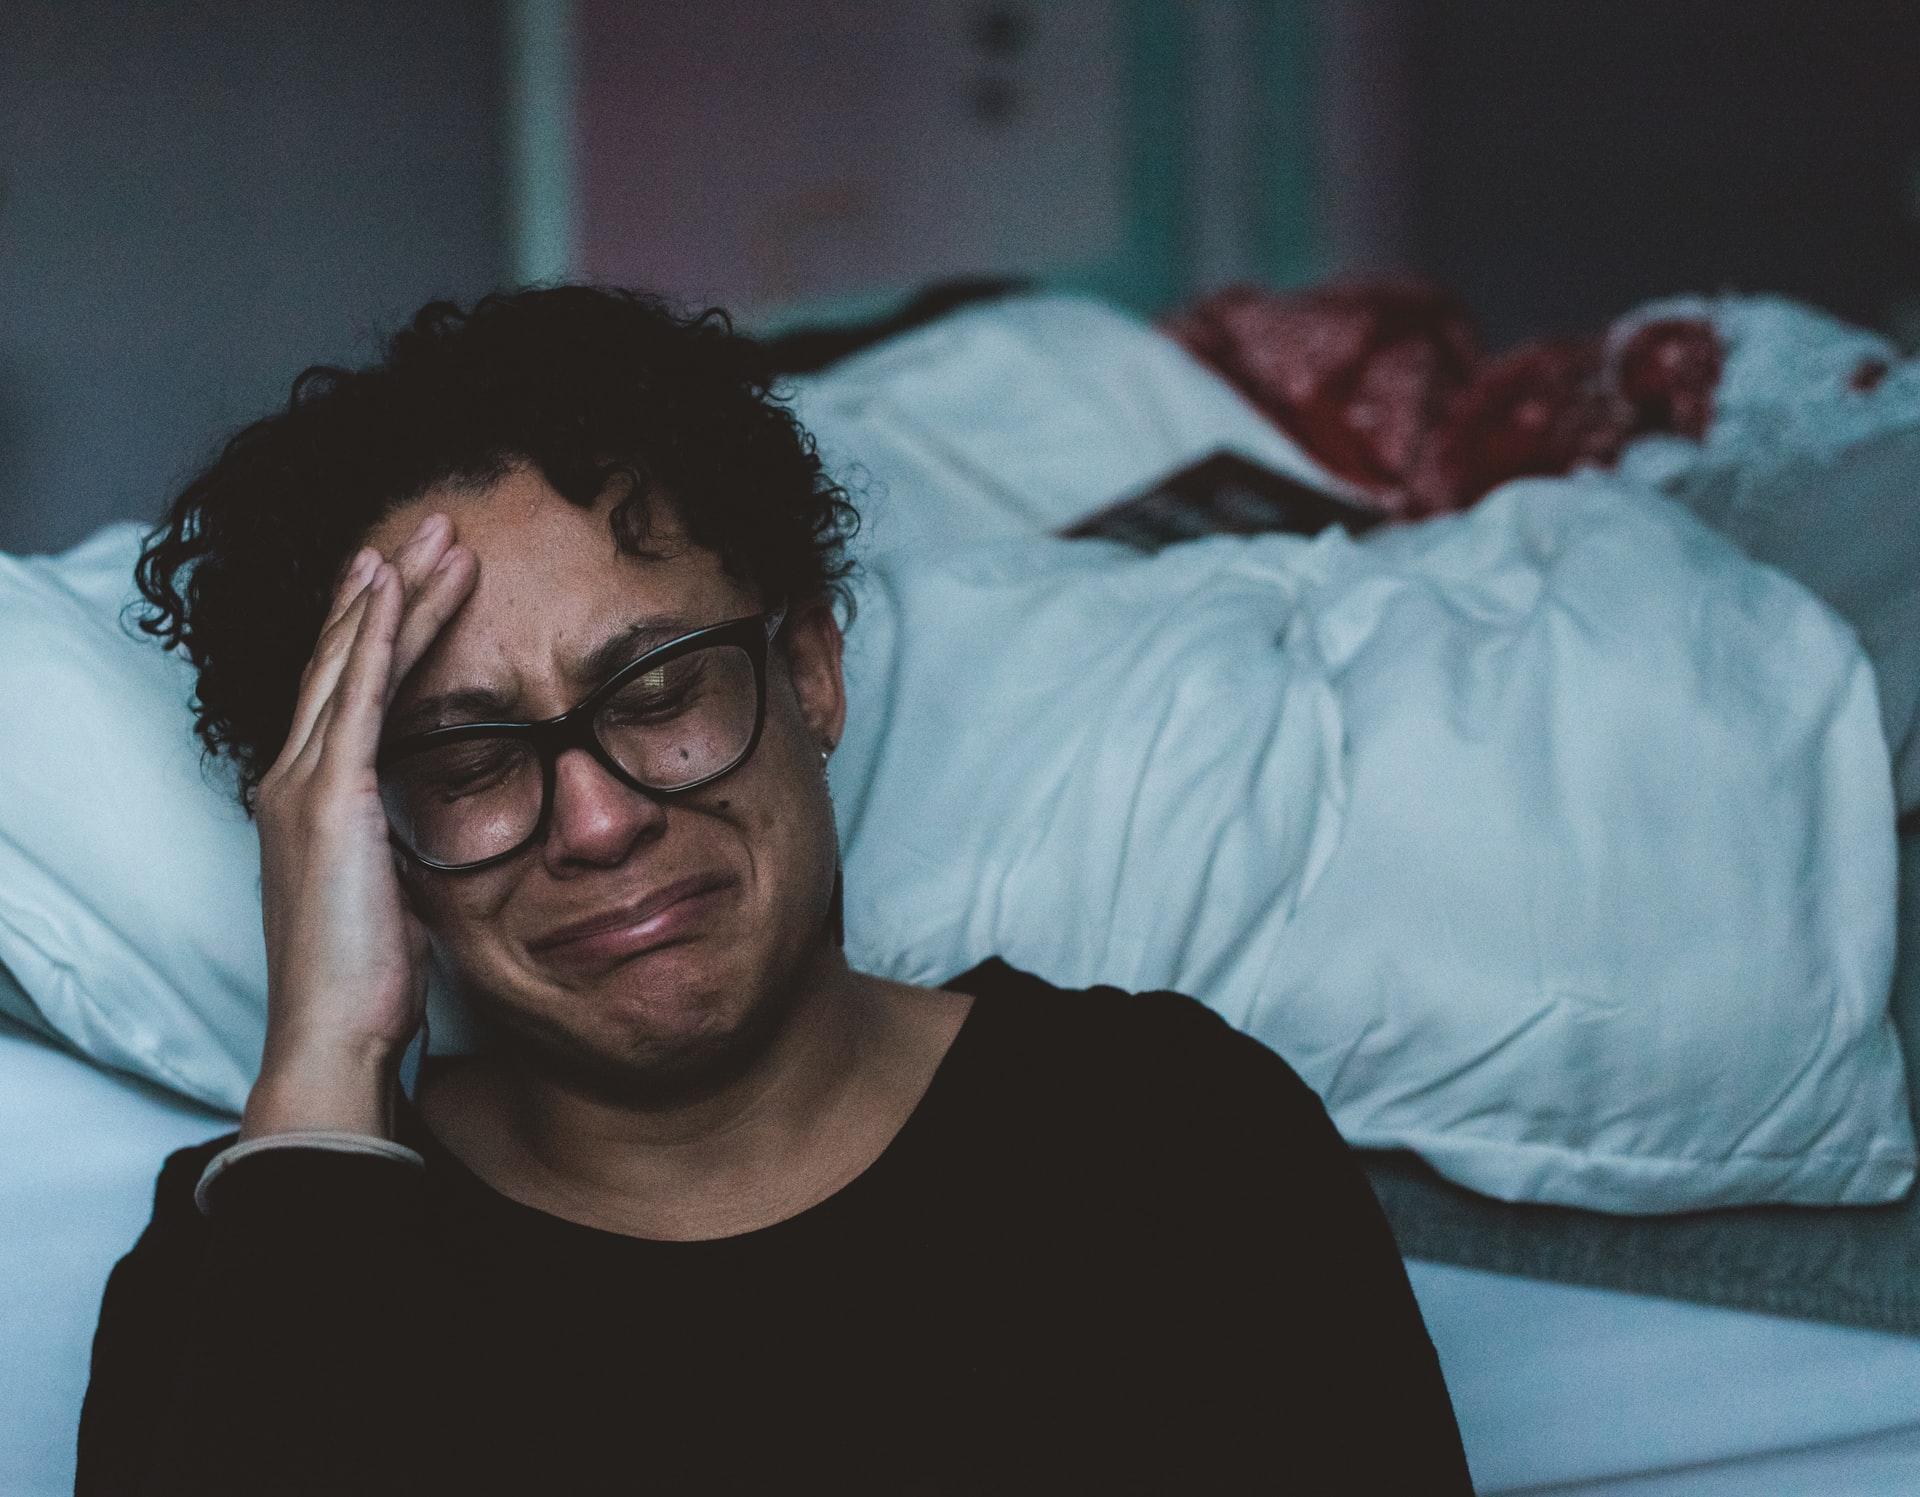 De tranen van je ouder(s) werkt in ons als kinderen immer door